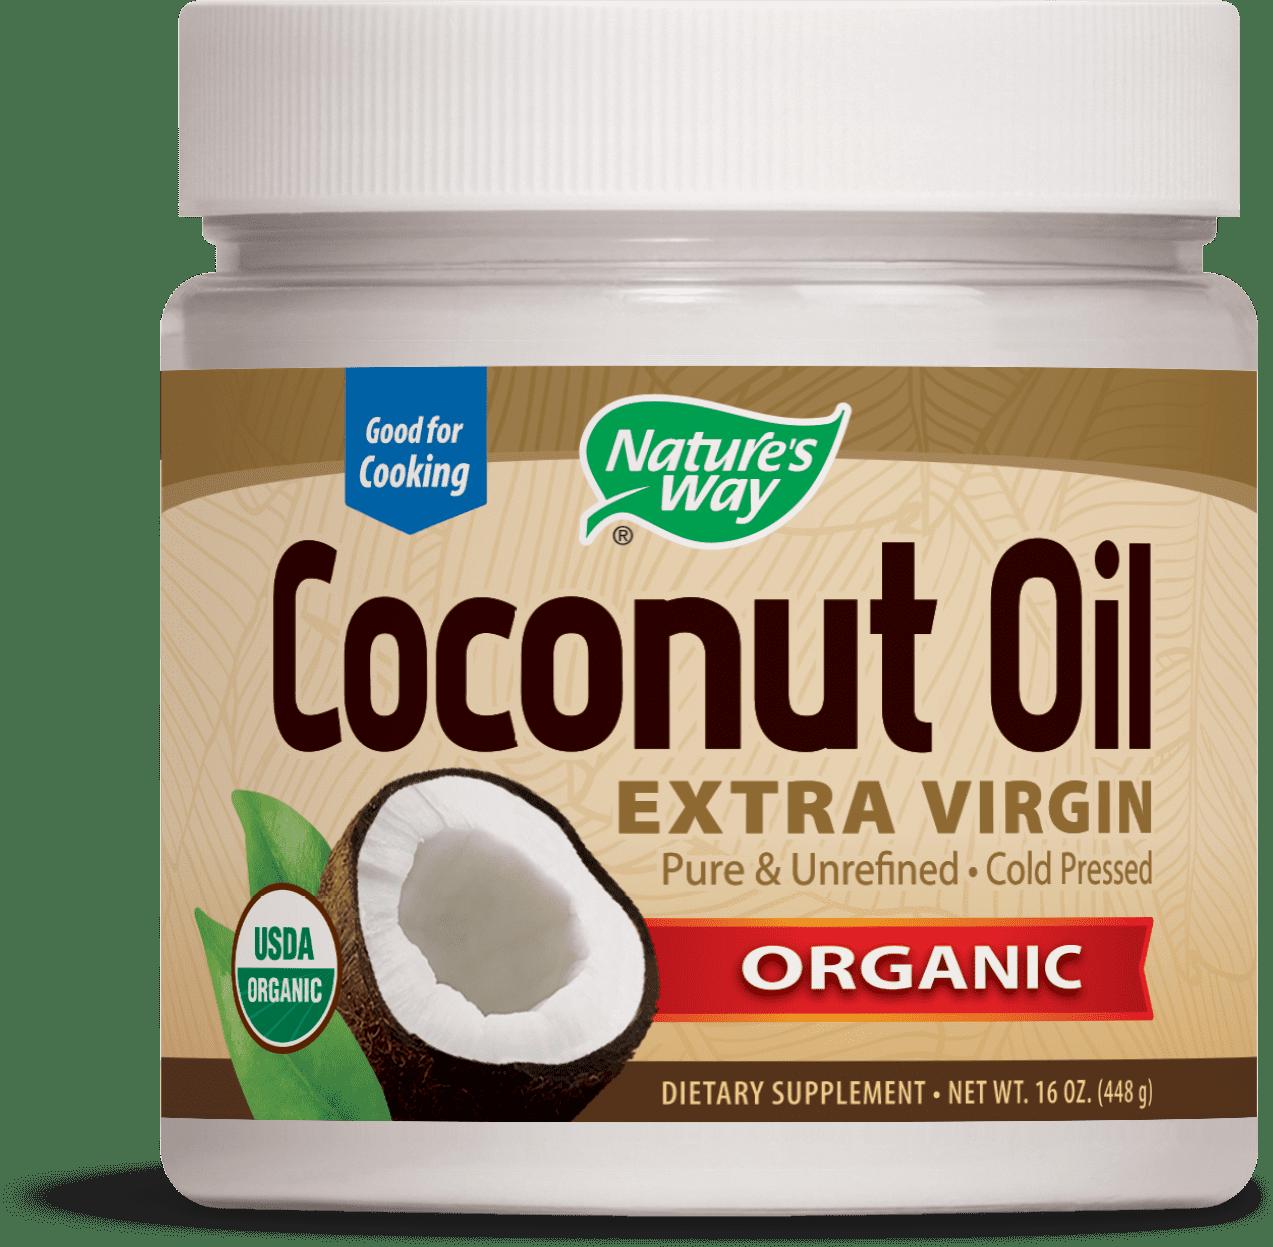 Nature's Way Organic Coconut Oil, Extra Virgin, Cold-Pressed, Non-GMO, 16 Oz